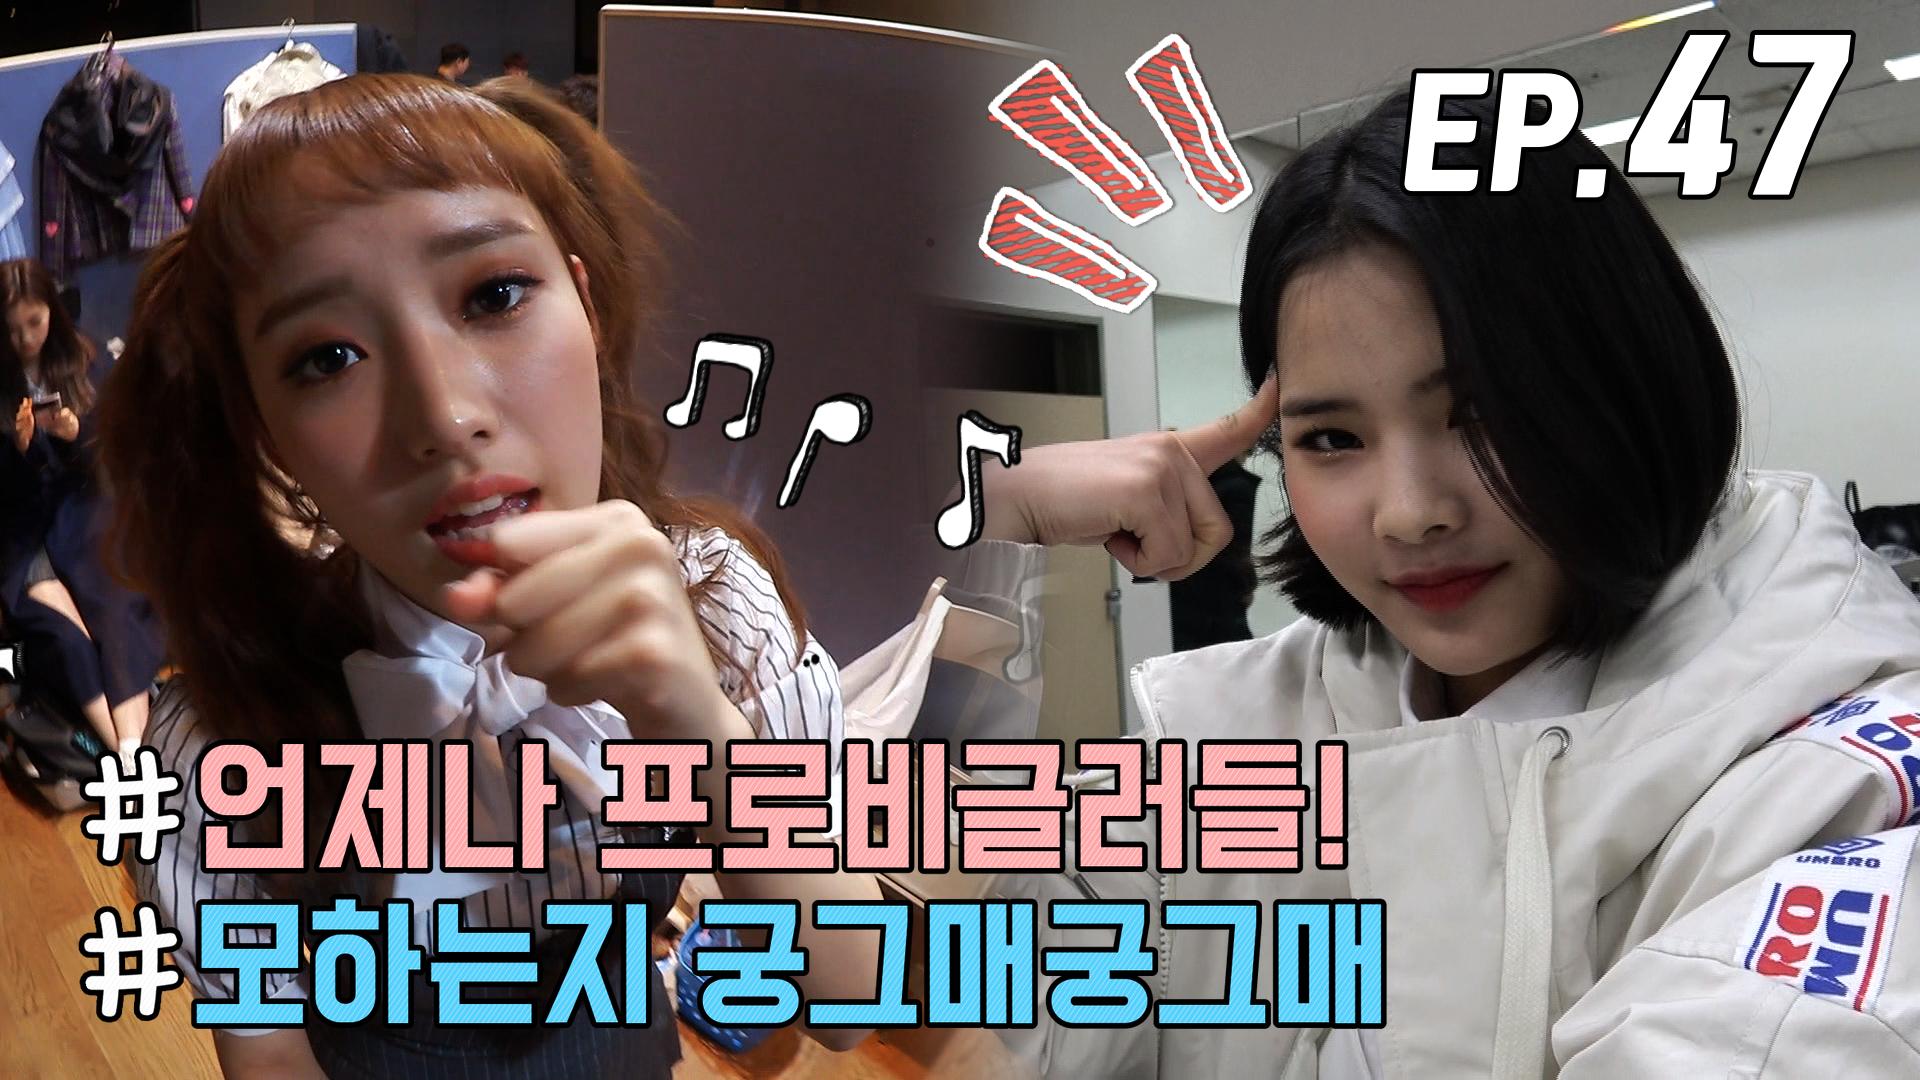 [WekiMeki 위키미키 모해?] EP47 <La La La>컴백 주간 엿보기 2편